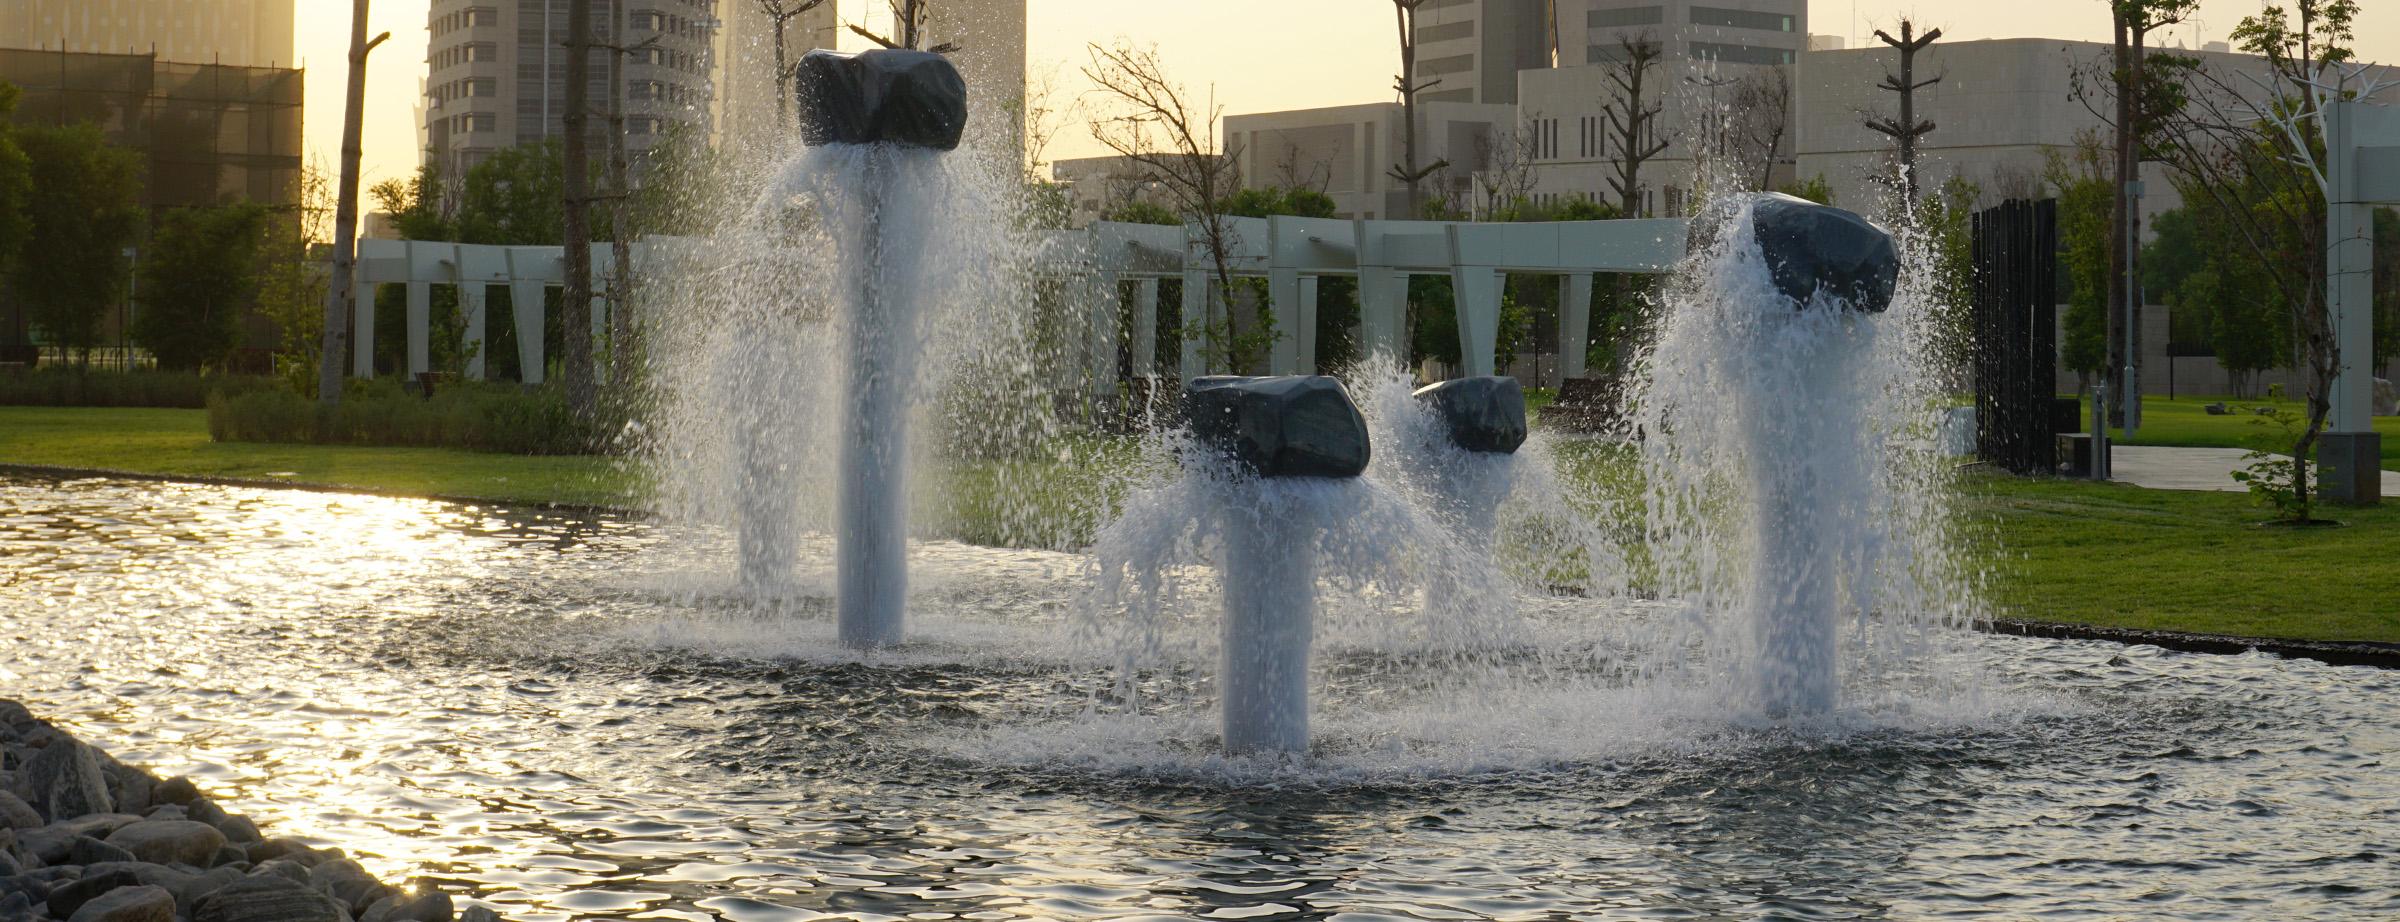 Al Shaheed Park – Phase II